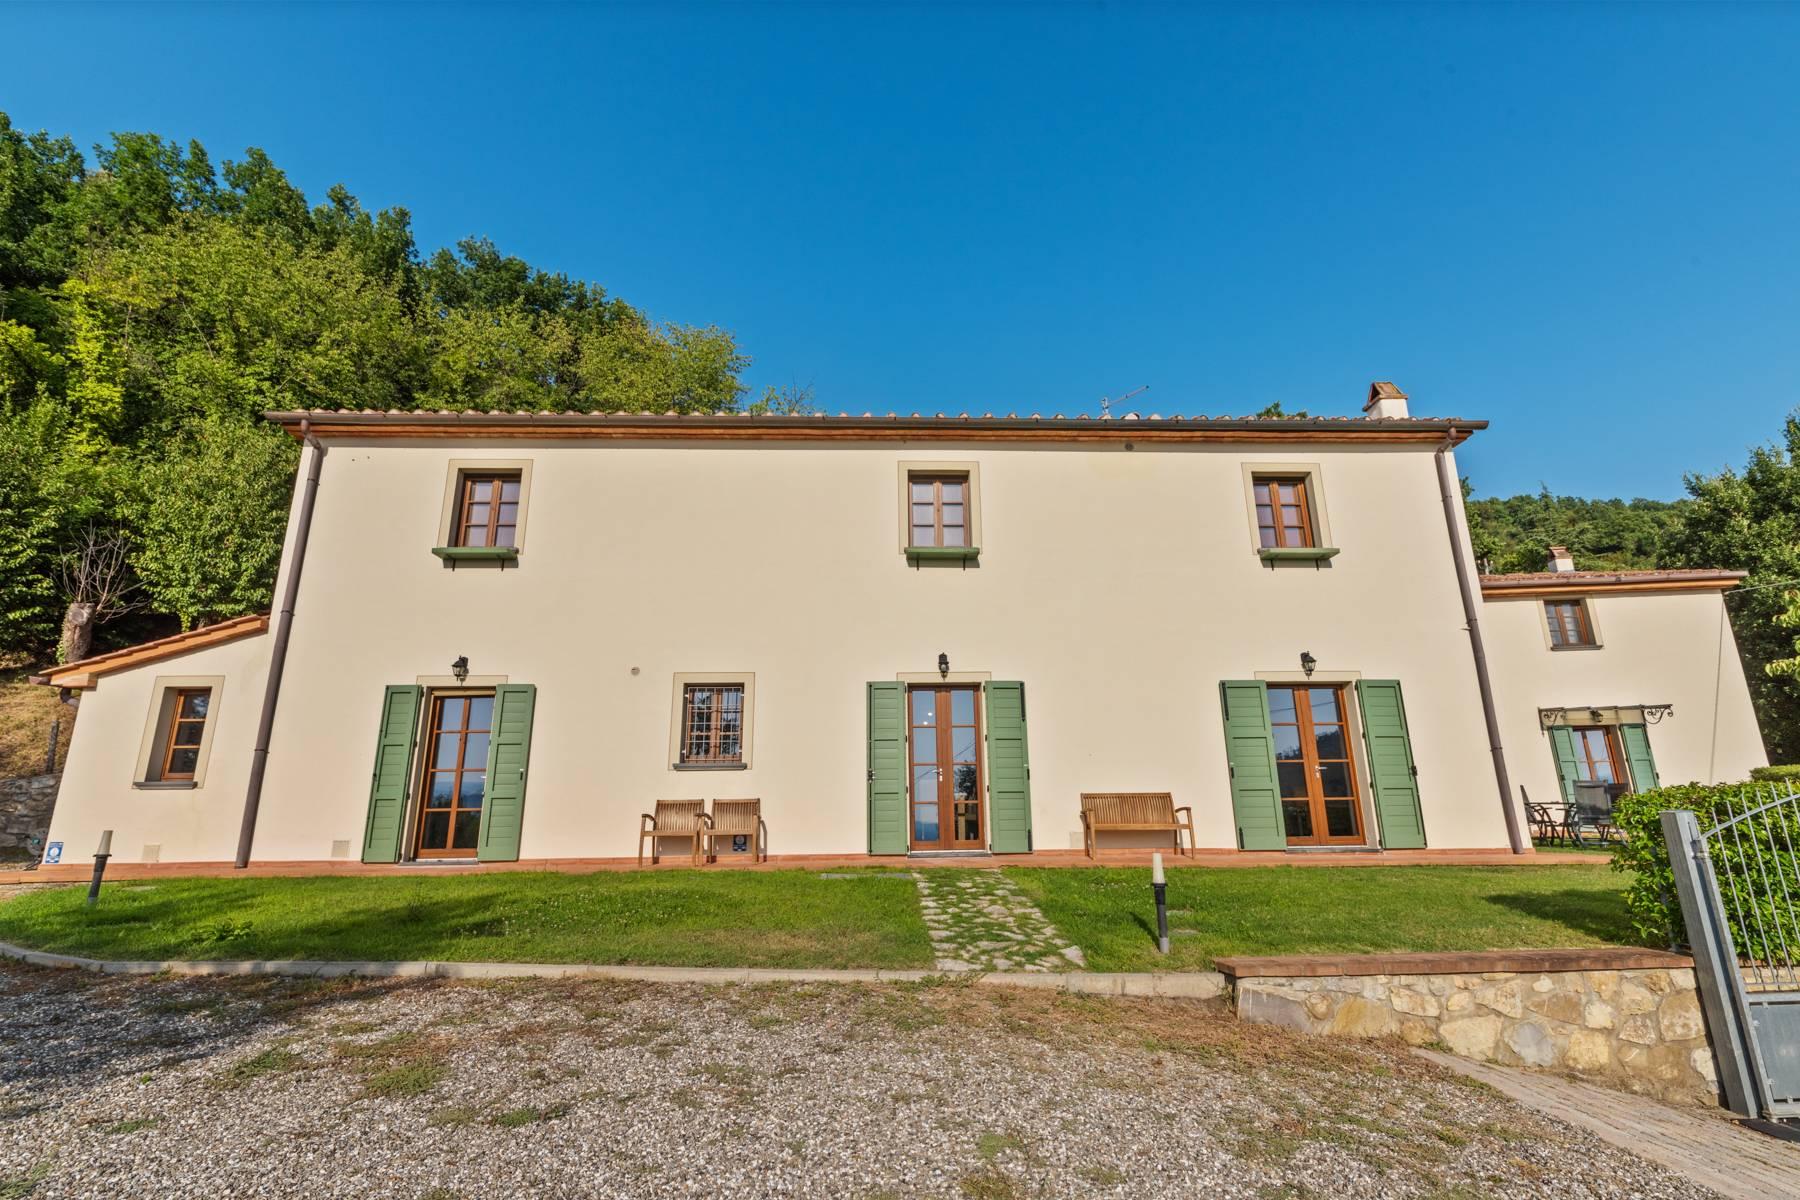 Rustico in Vendita a Monsummano Terme: 5 locali, 380 mq - Foto 25